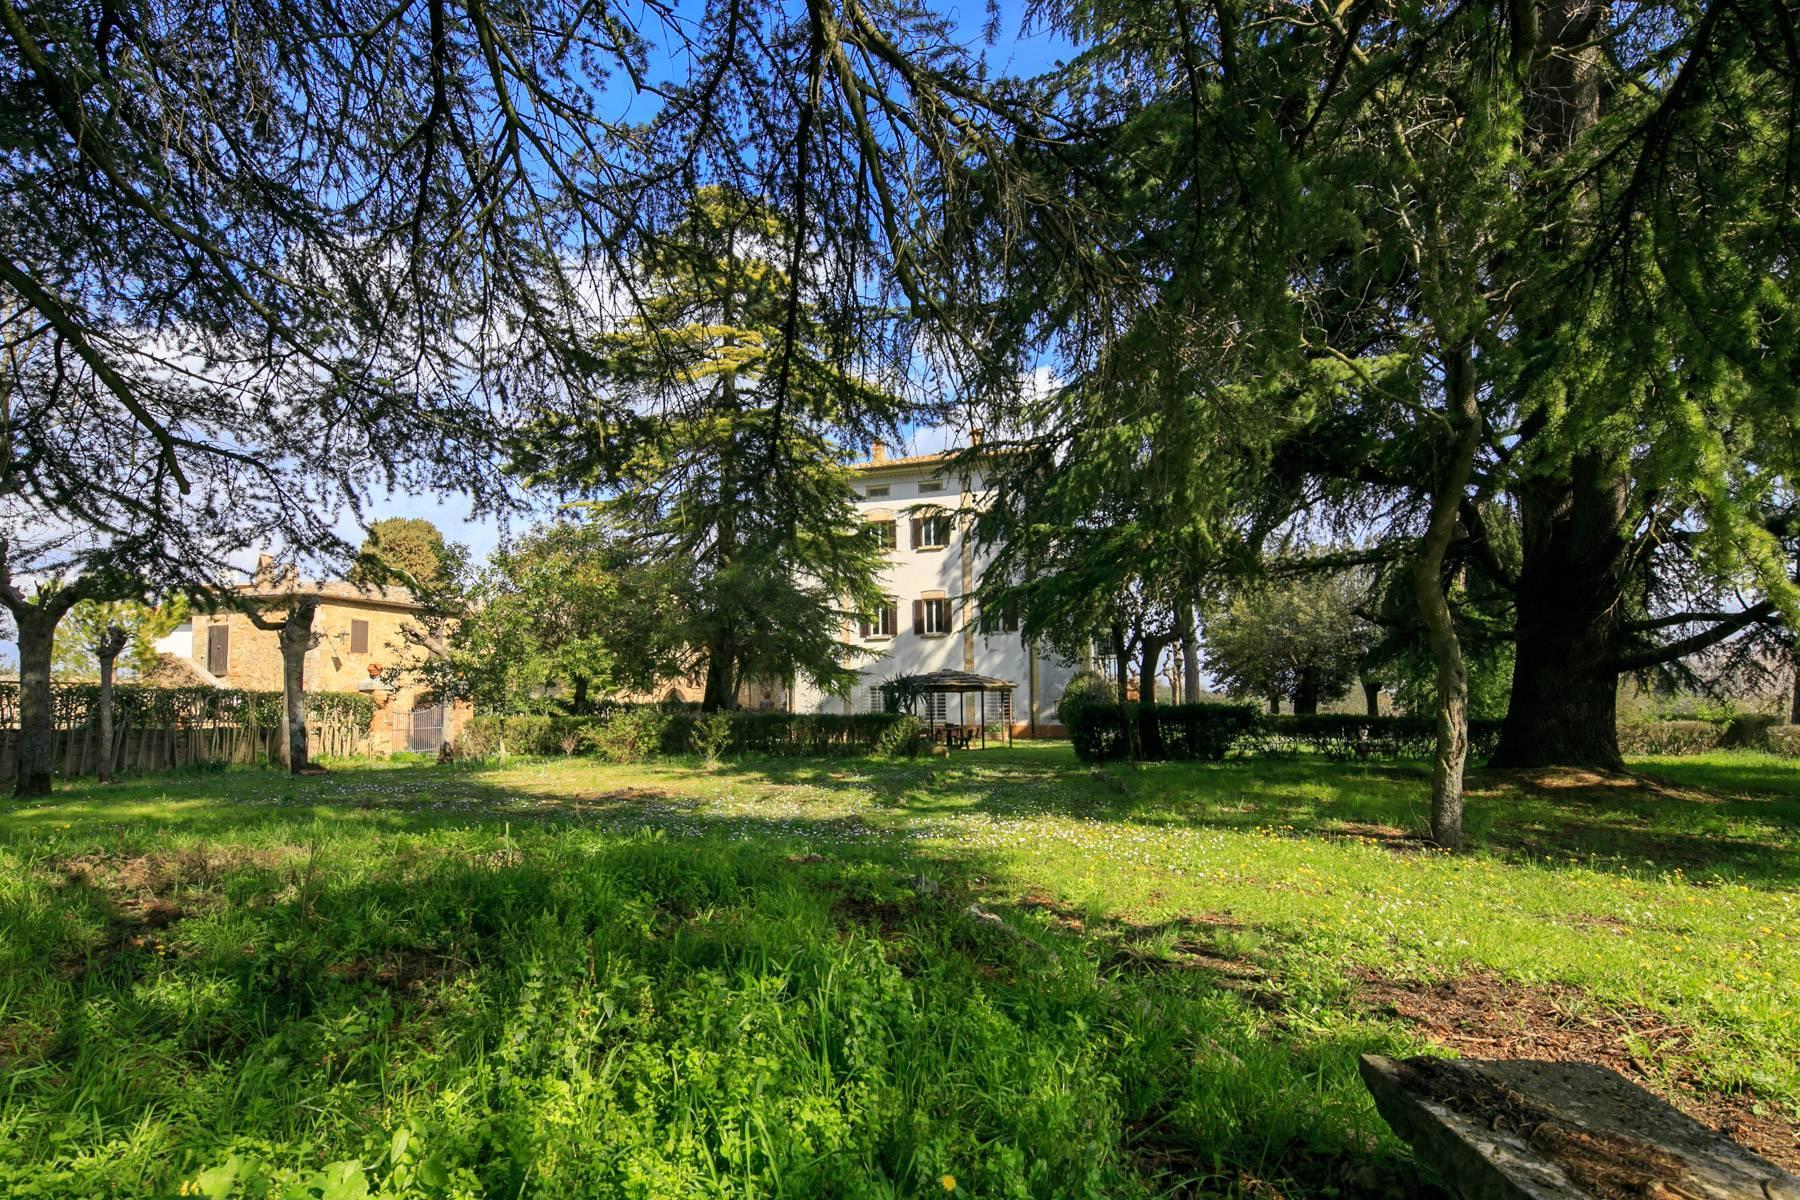 Prächtige historische Villa mit neoklassizistischer Kapelle und Park - 25